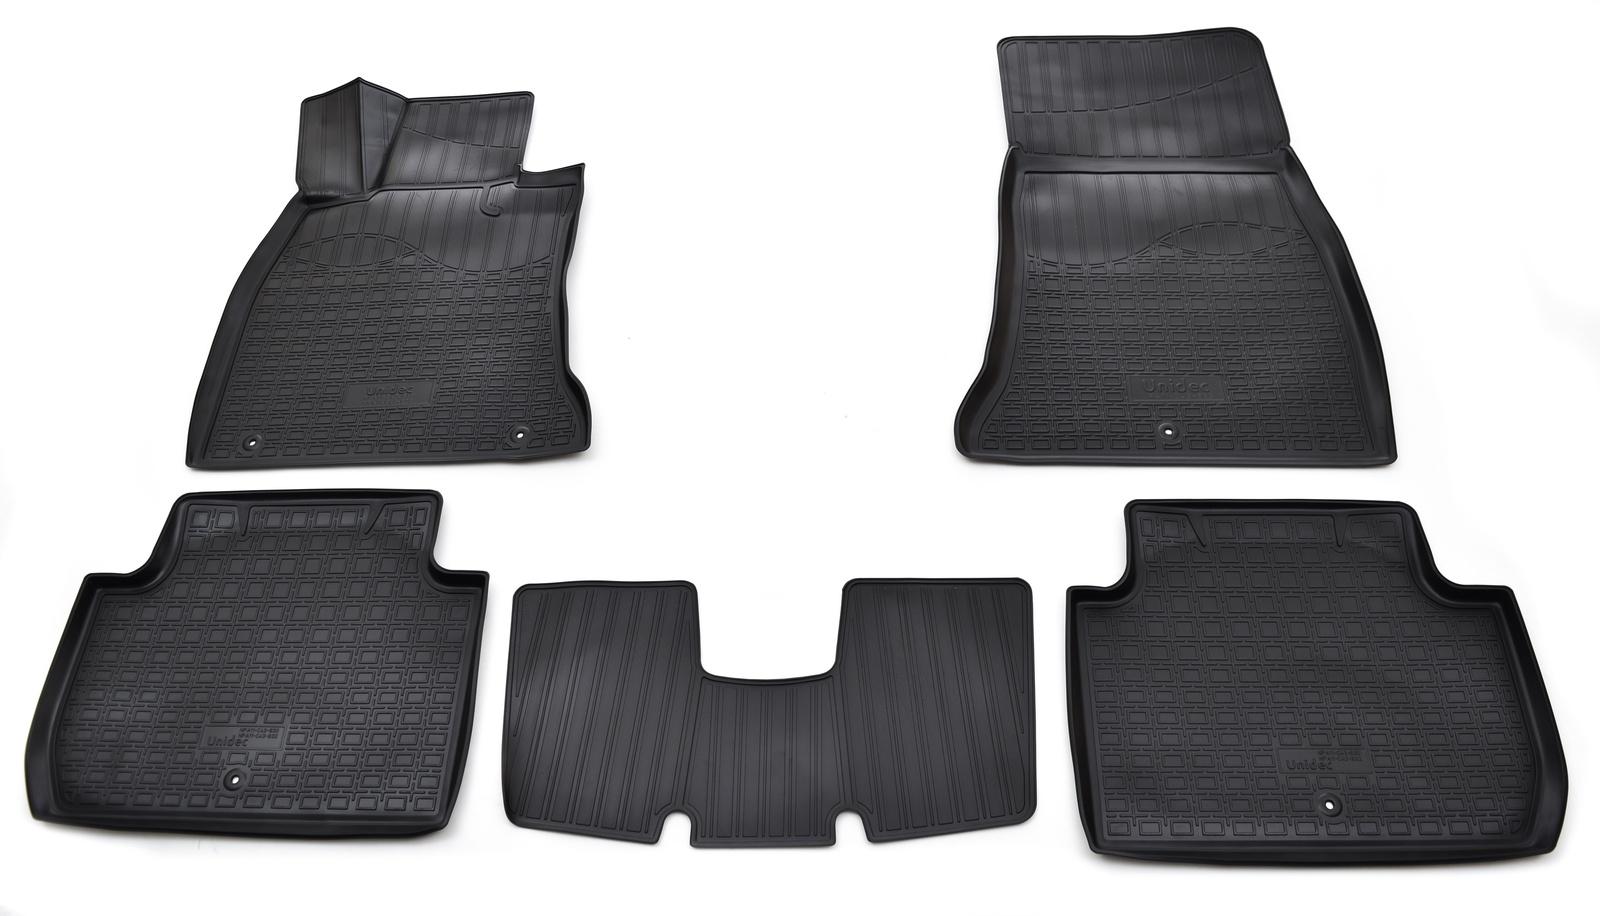 Коврики в салон автомобиля Norplast для Kia Stinger 2WD 3D (2017-), NPA11-C43-832, черный